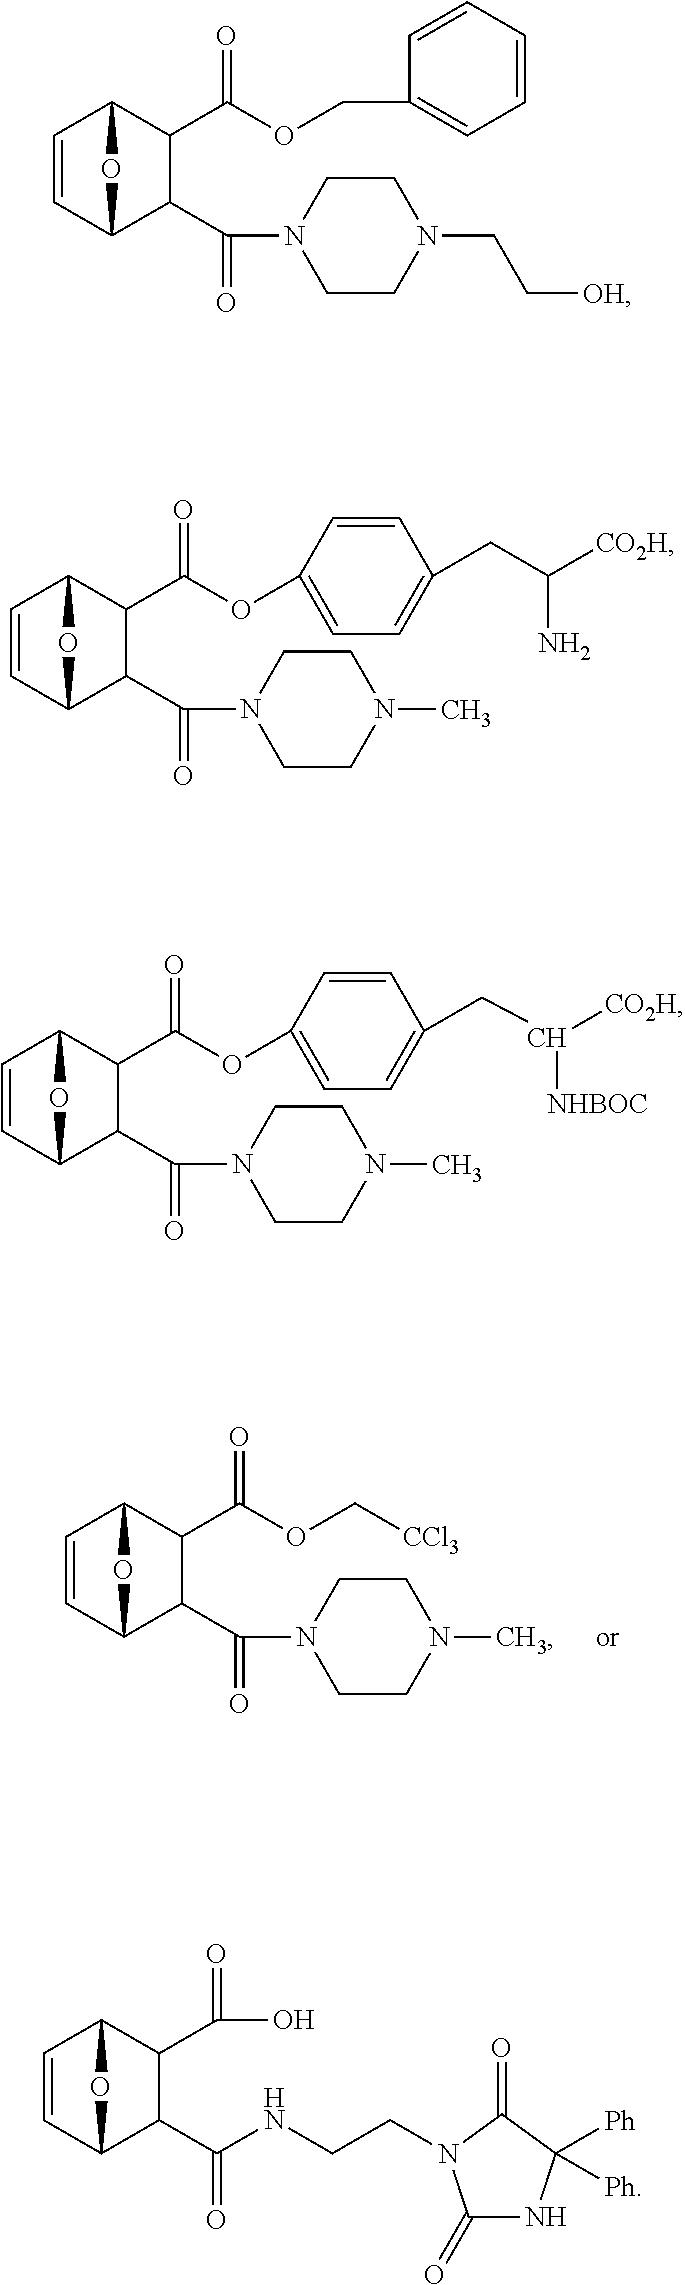 Figure US20160051544A1-20160225-C00074